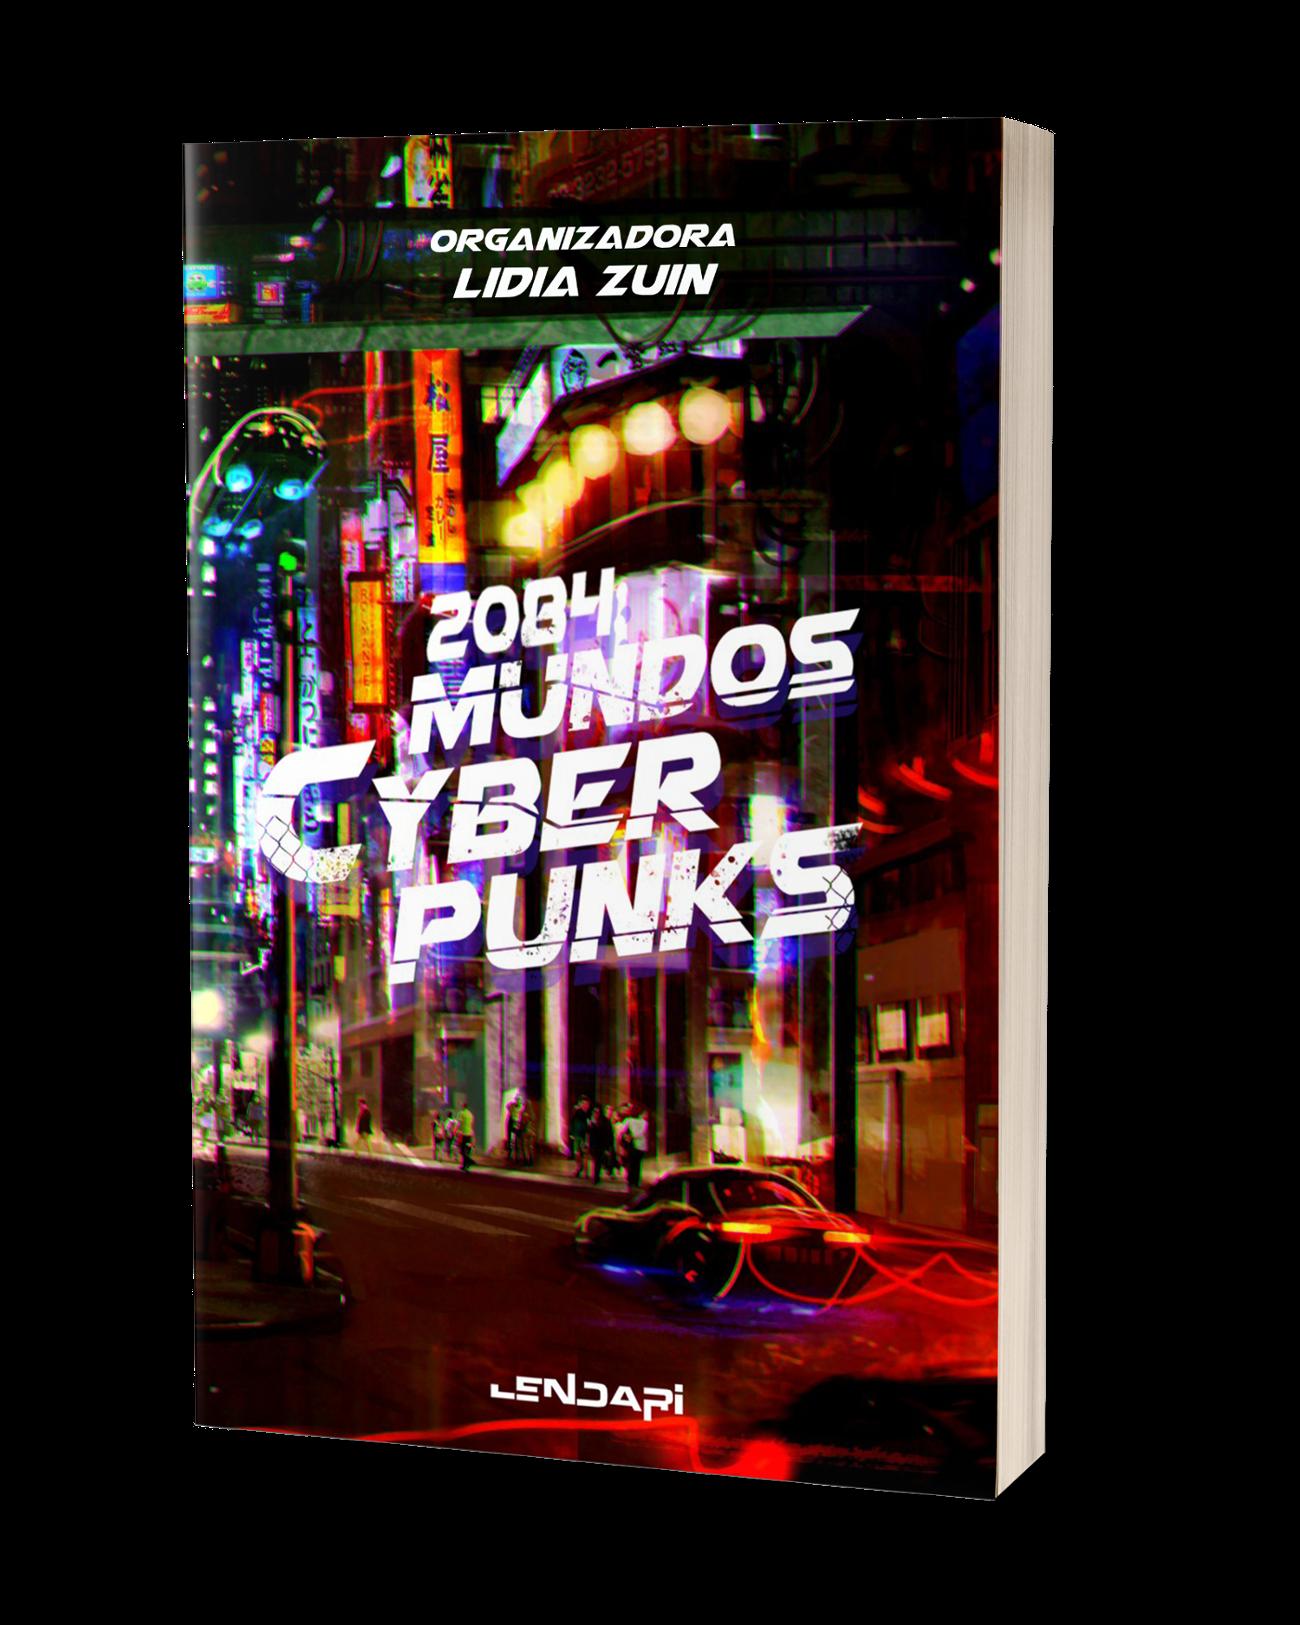 2084-Mundos Cyberpunks